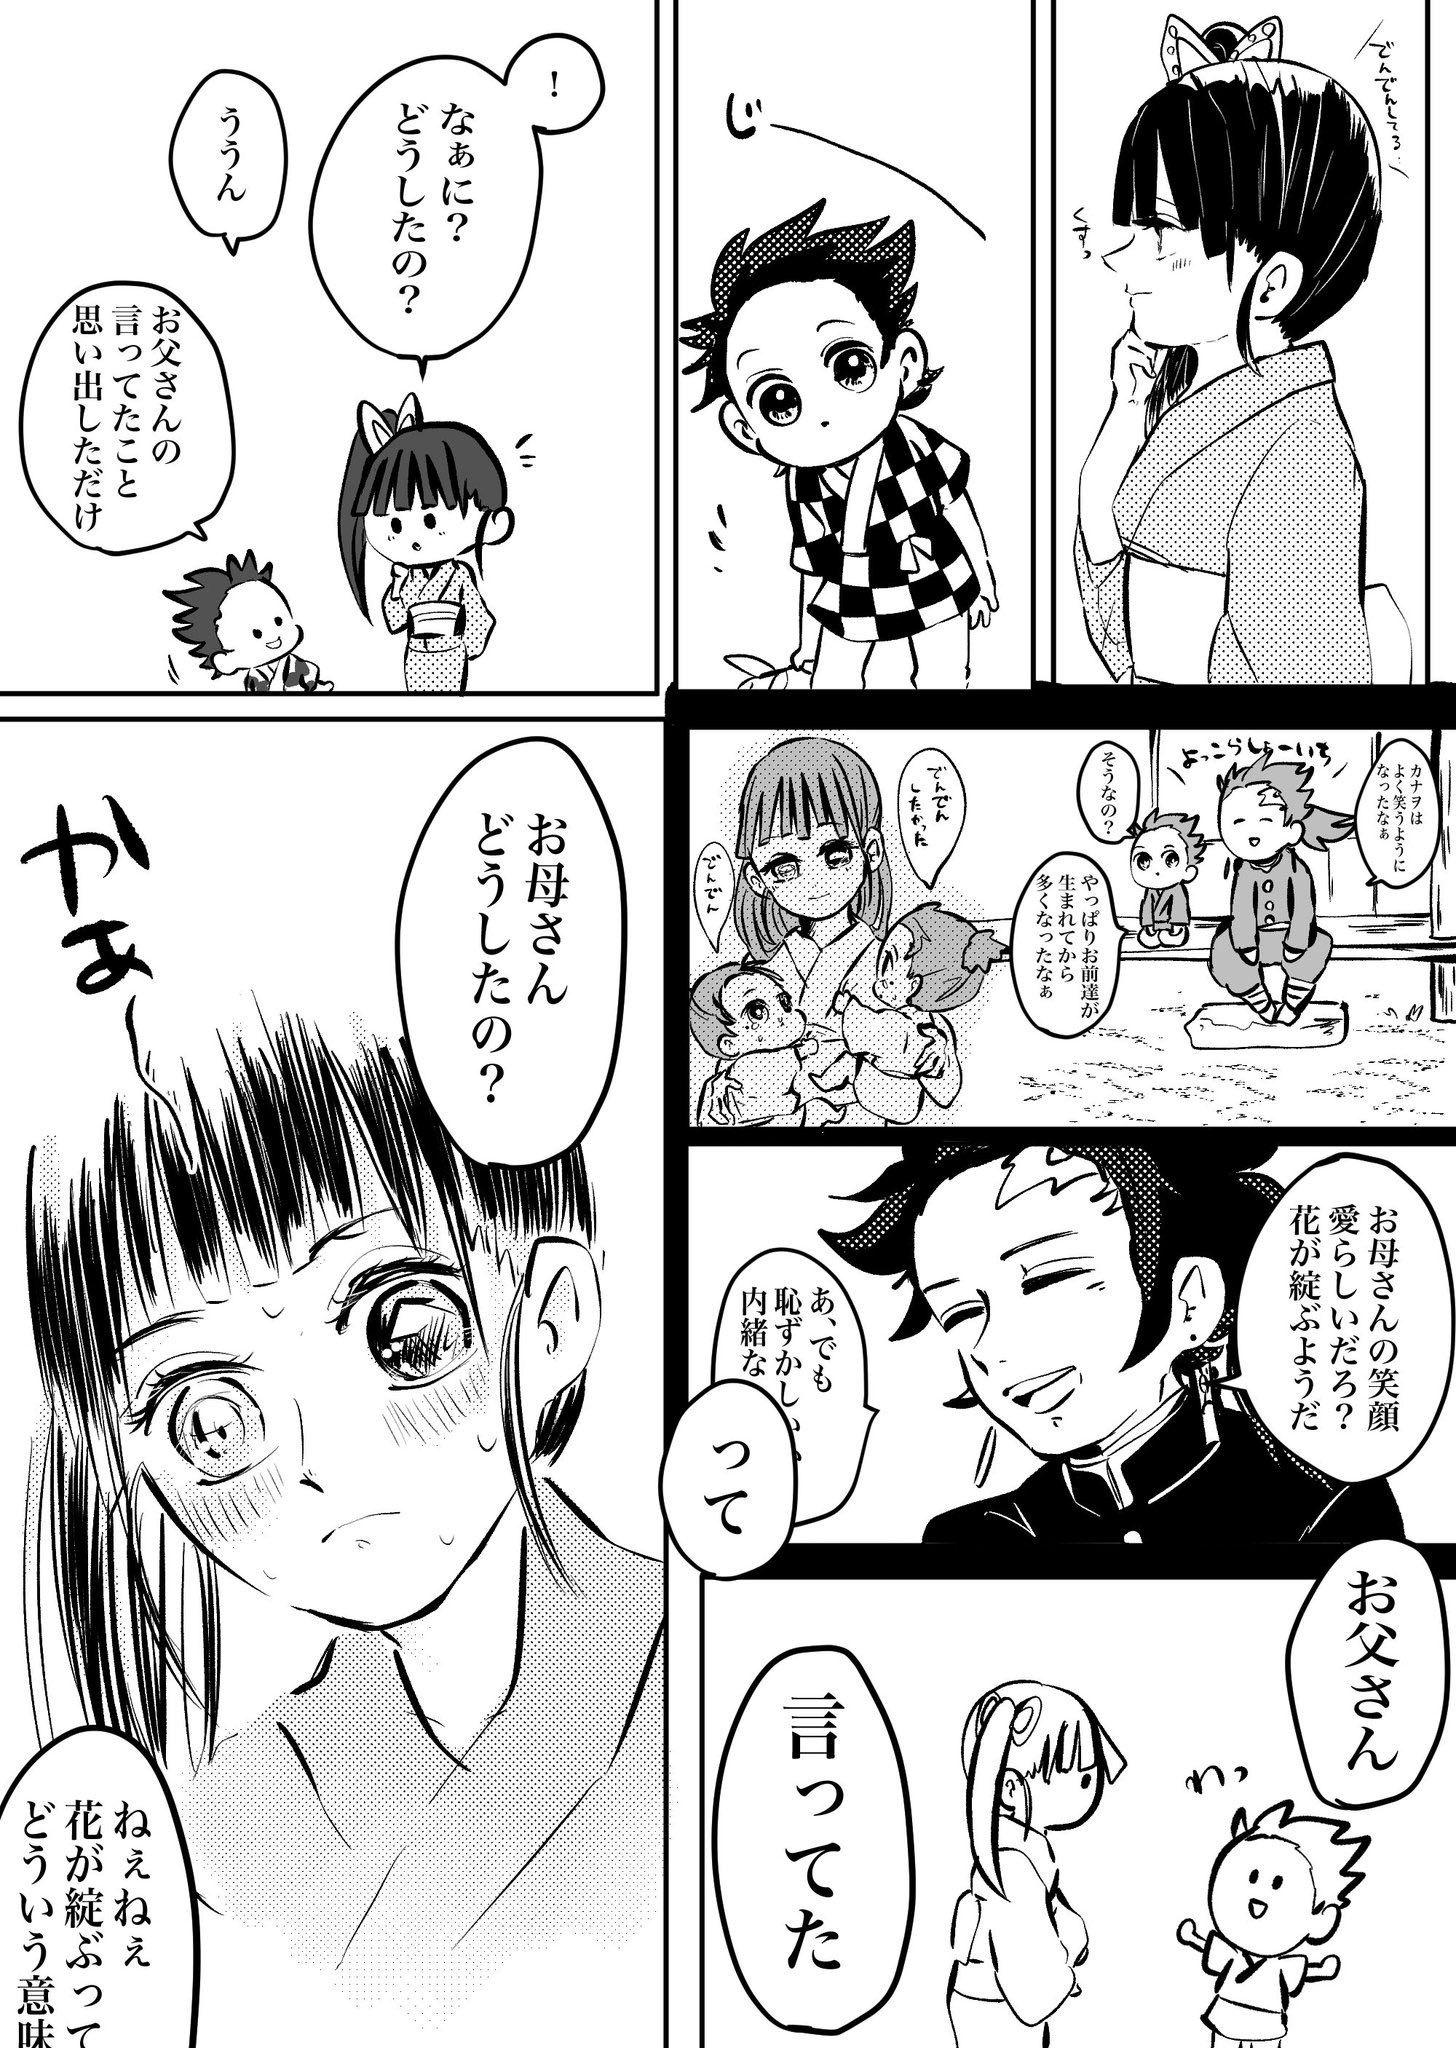 カナヲ 炭治郎 子孫